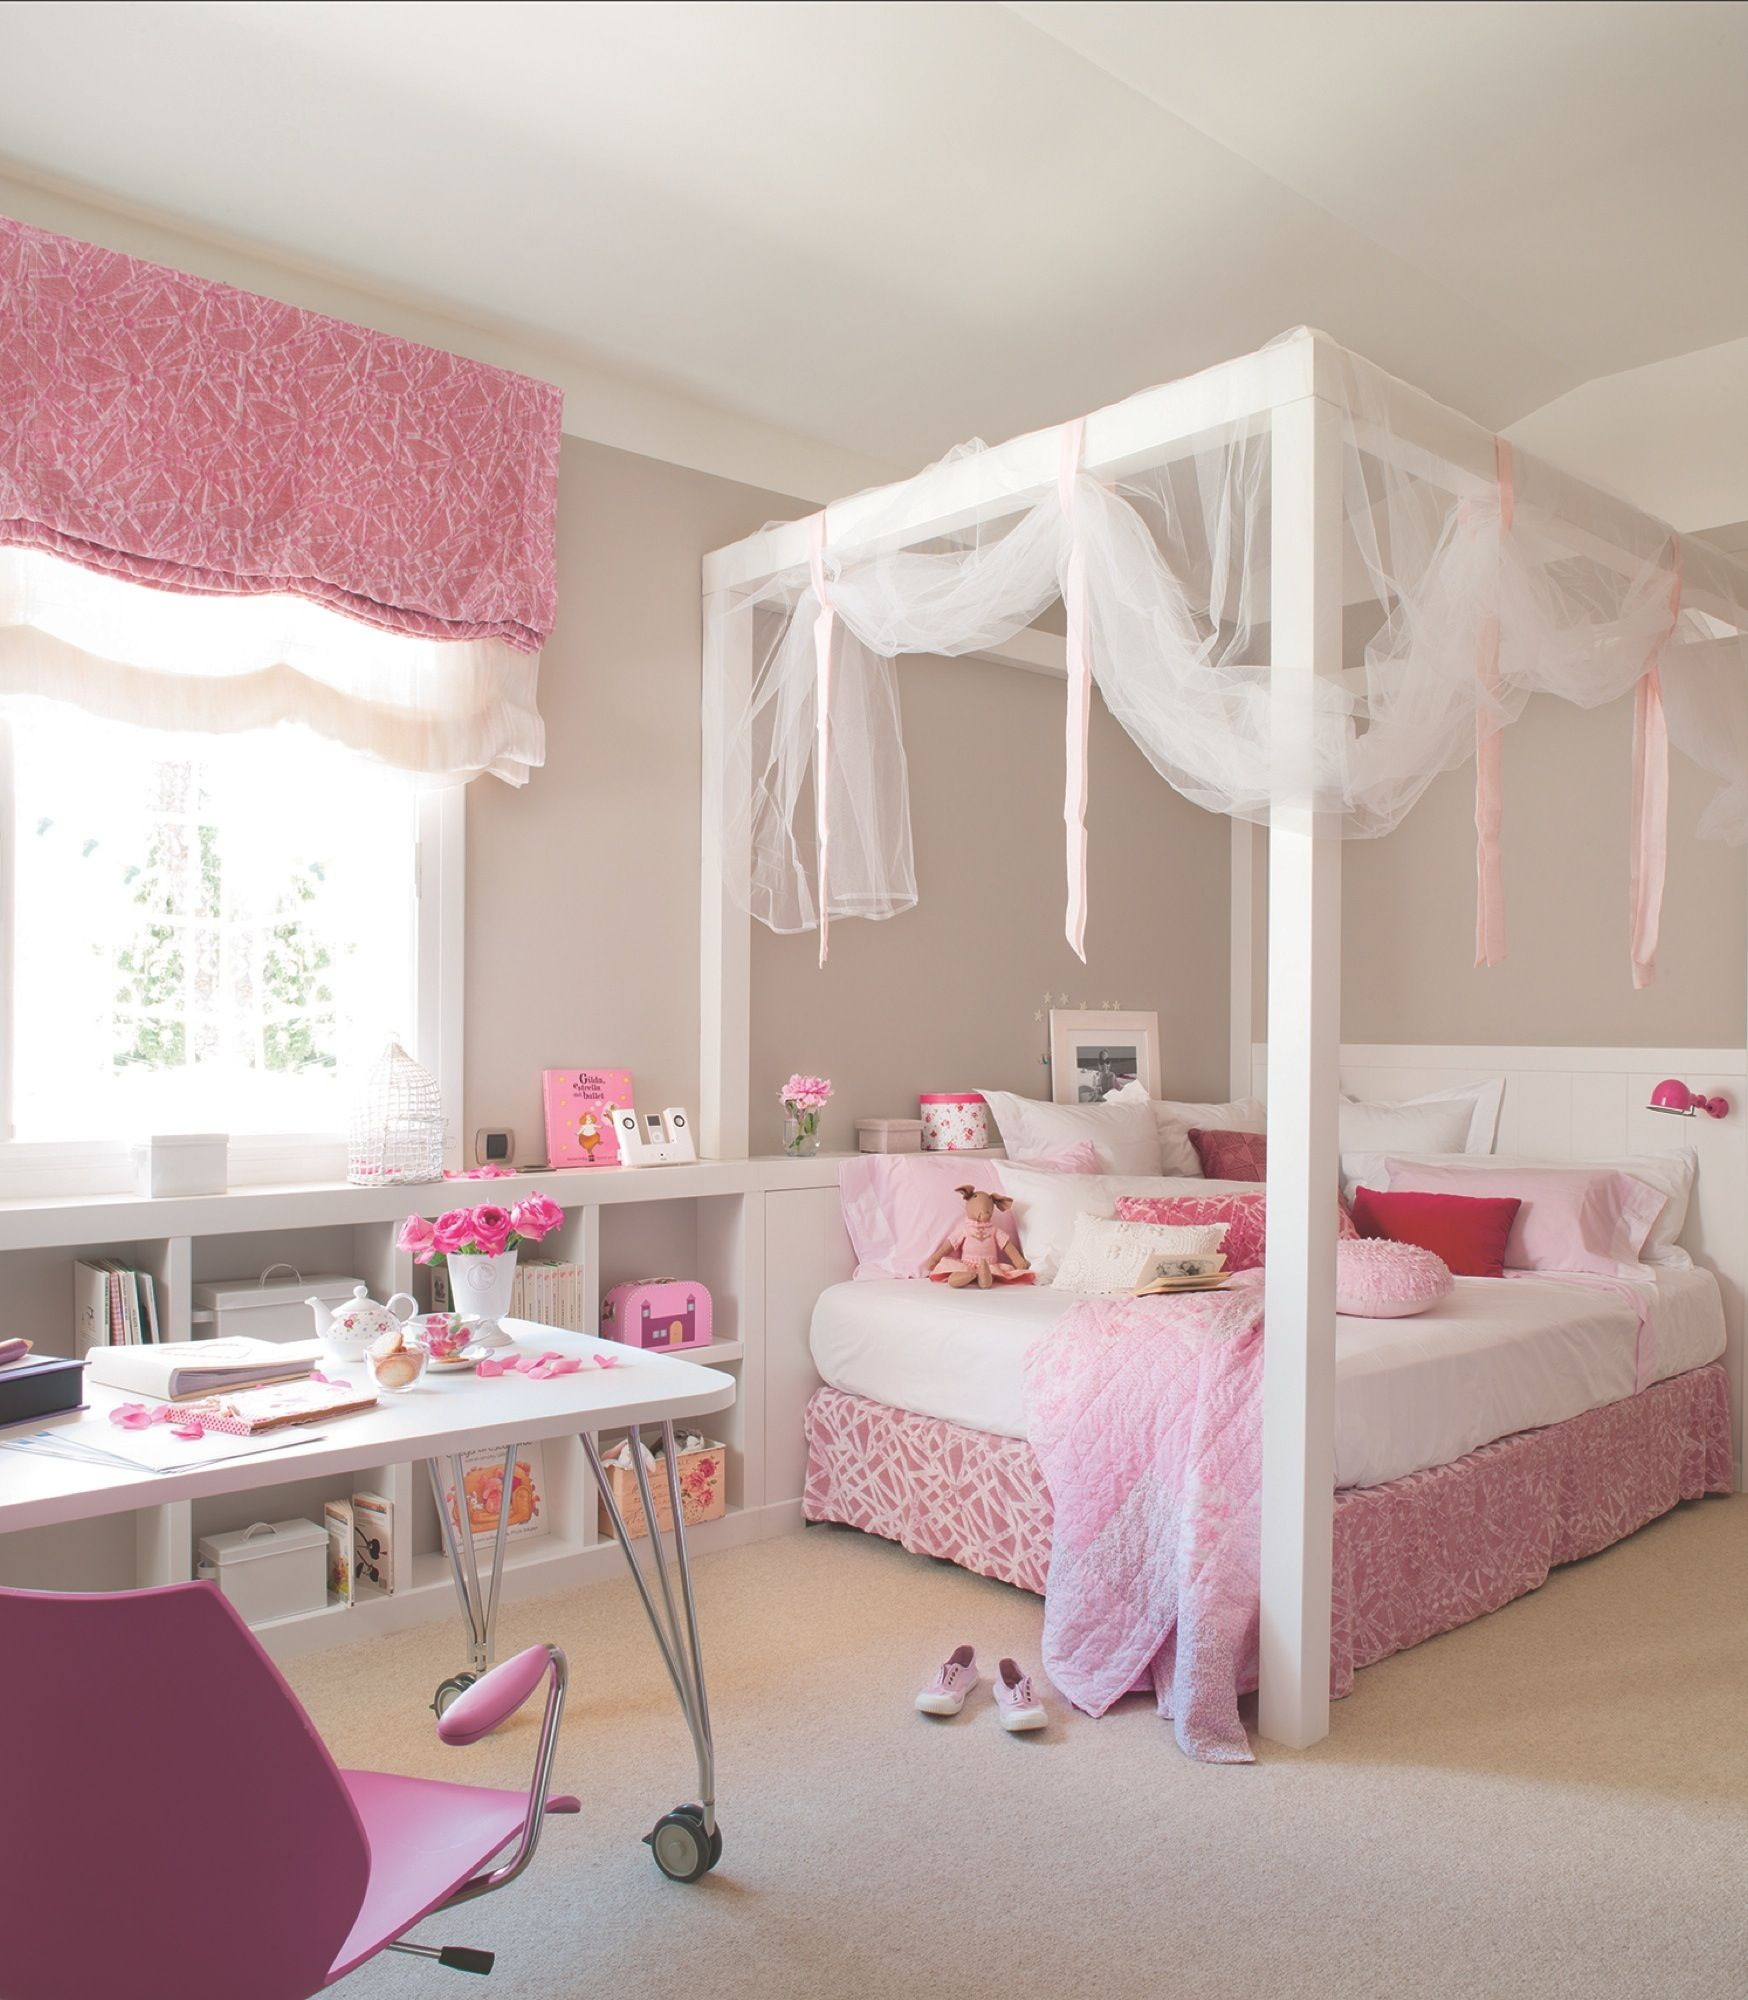 Ya soy mayor ideas para el hogar pinterest for Diseno de muebles para dormitorio de nina